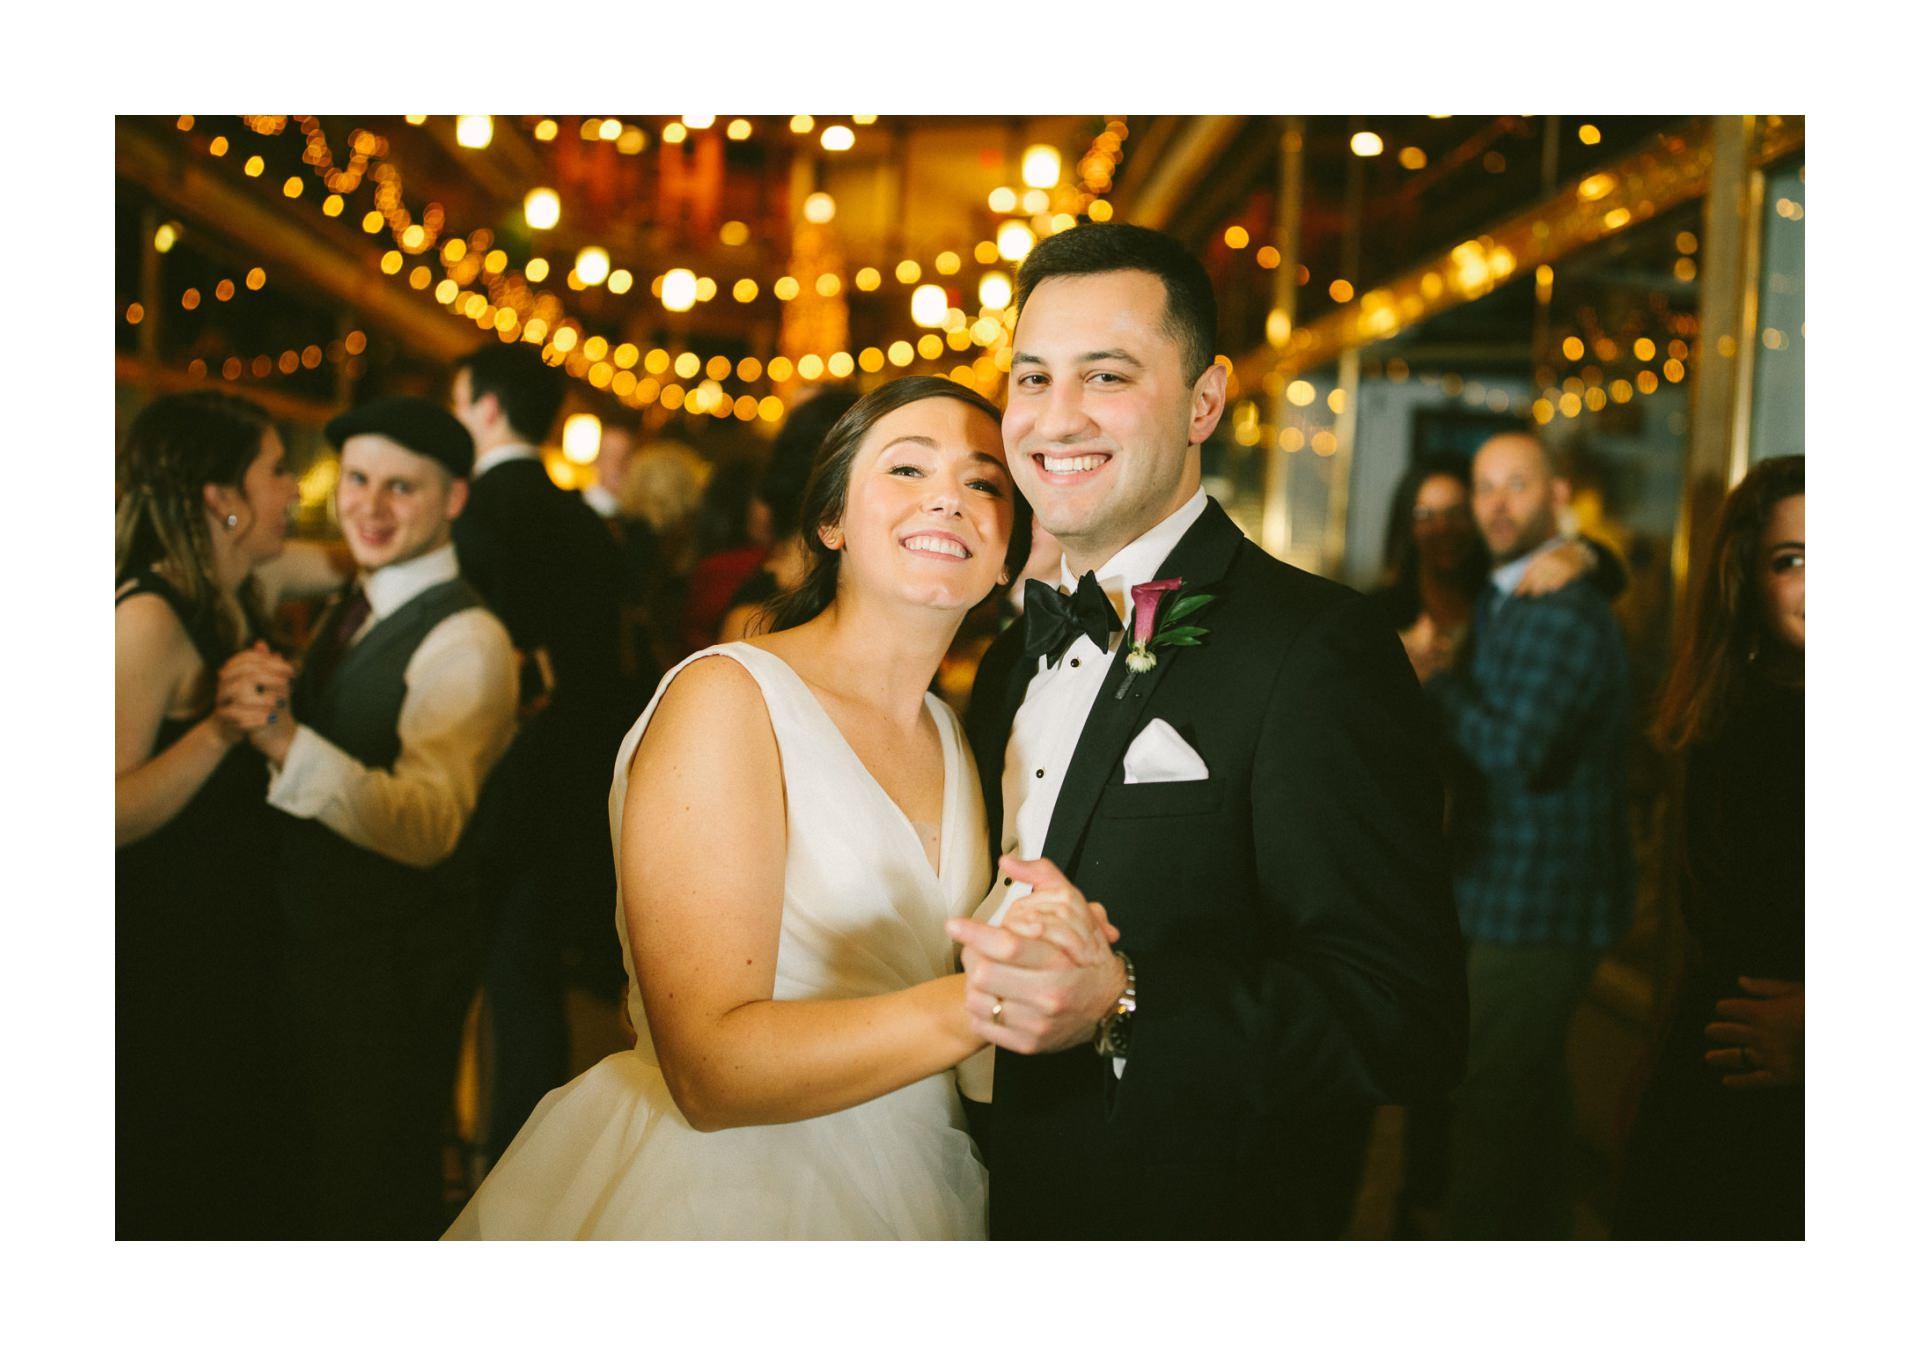 Hyatt Old Arcade Wedding Photographer in Cleveland 2 22.jpg